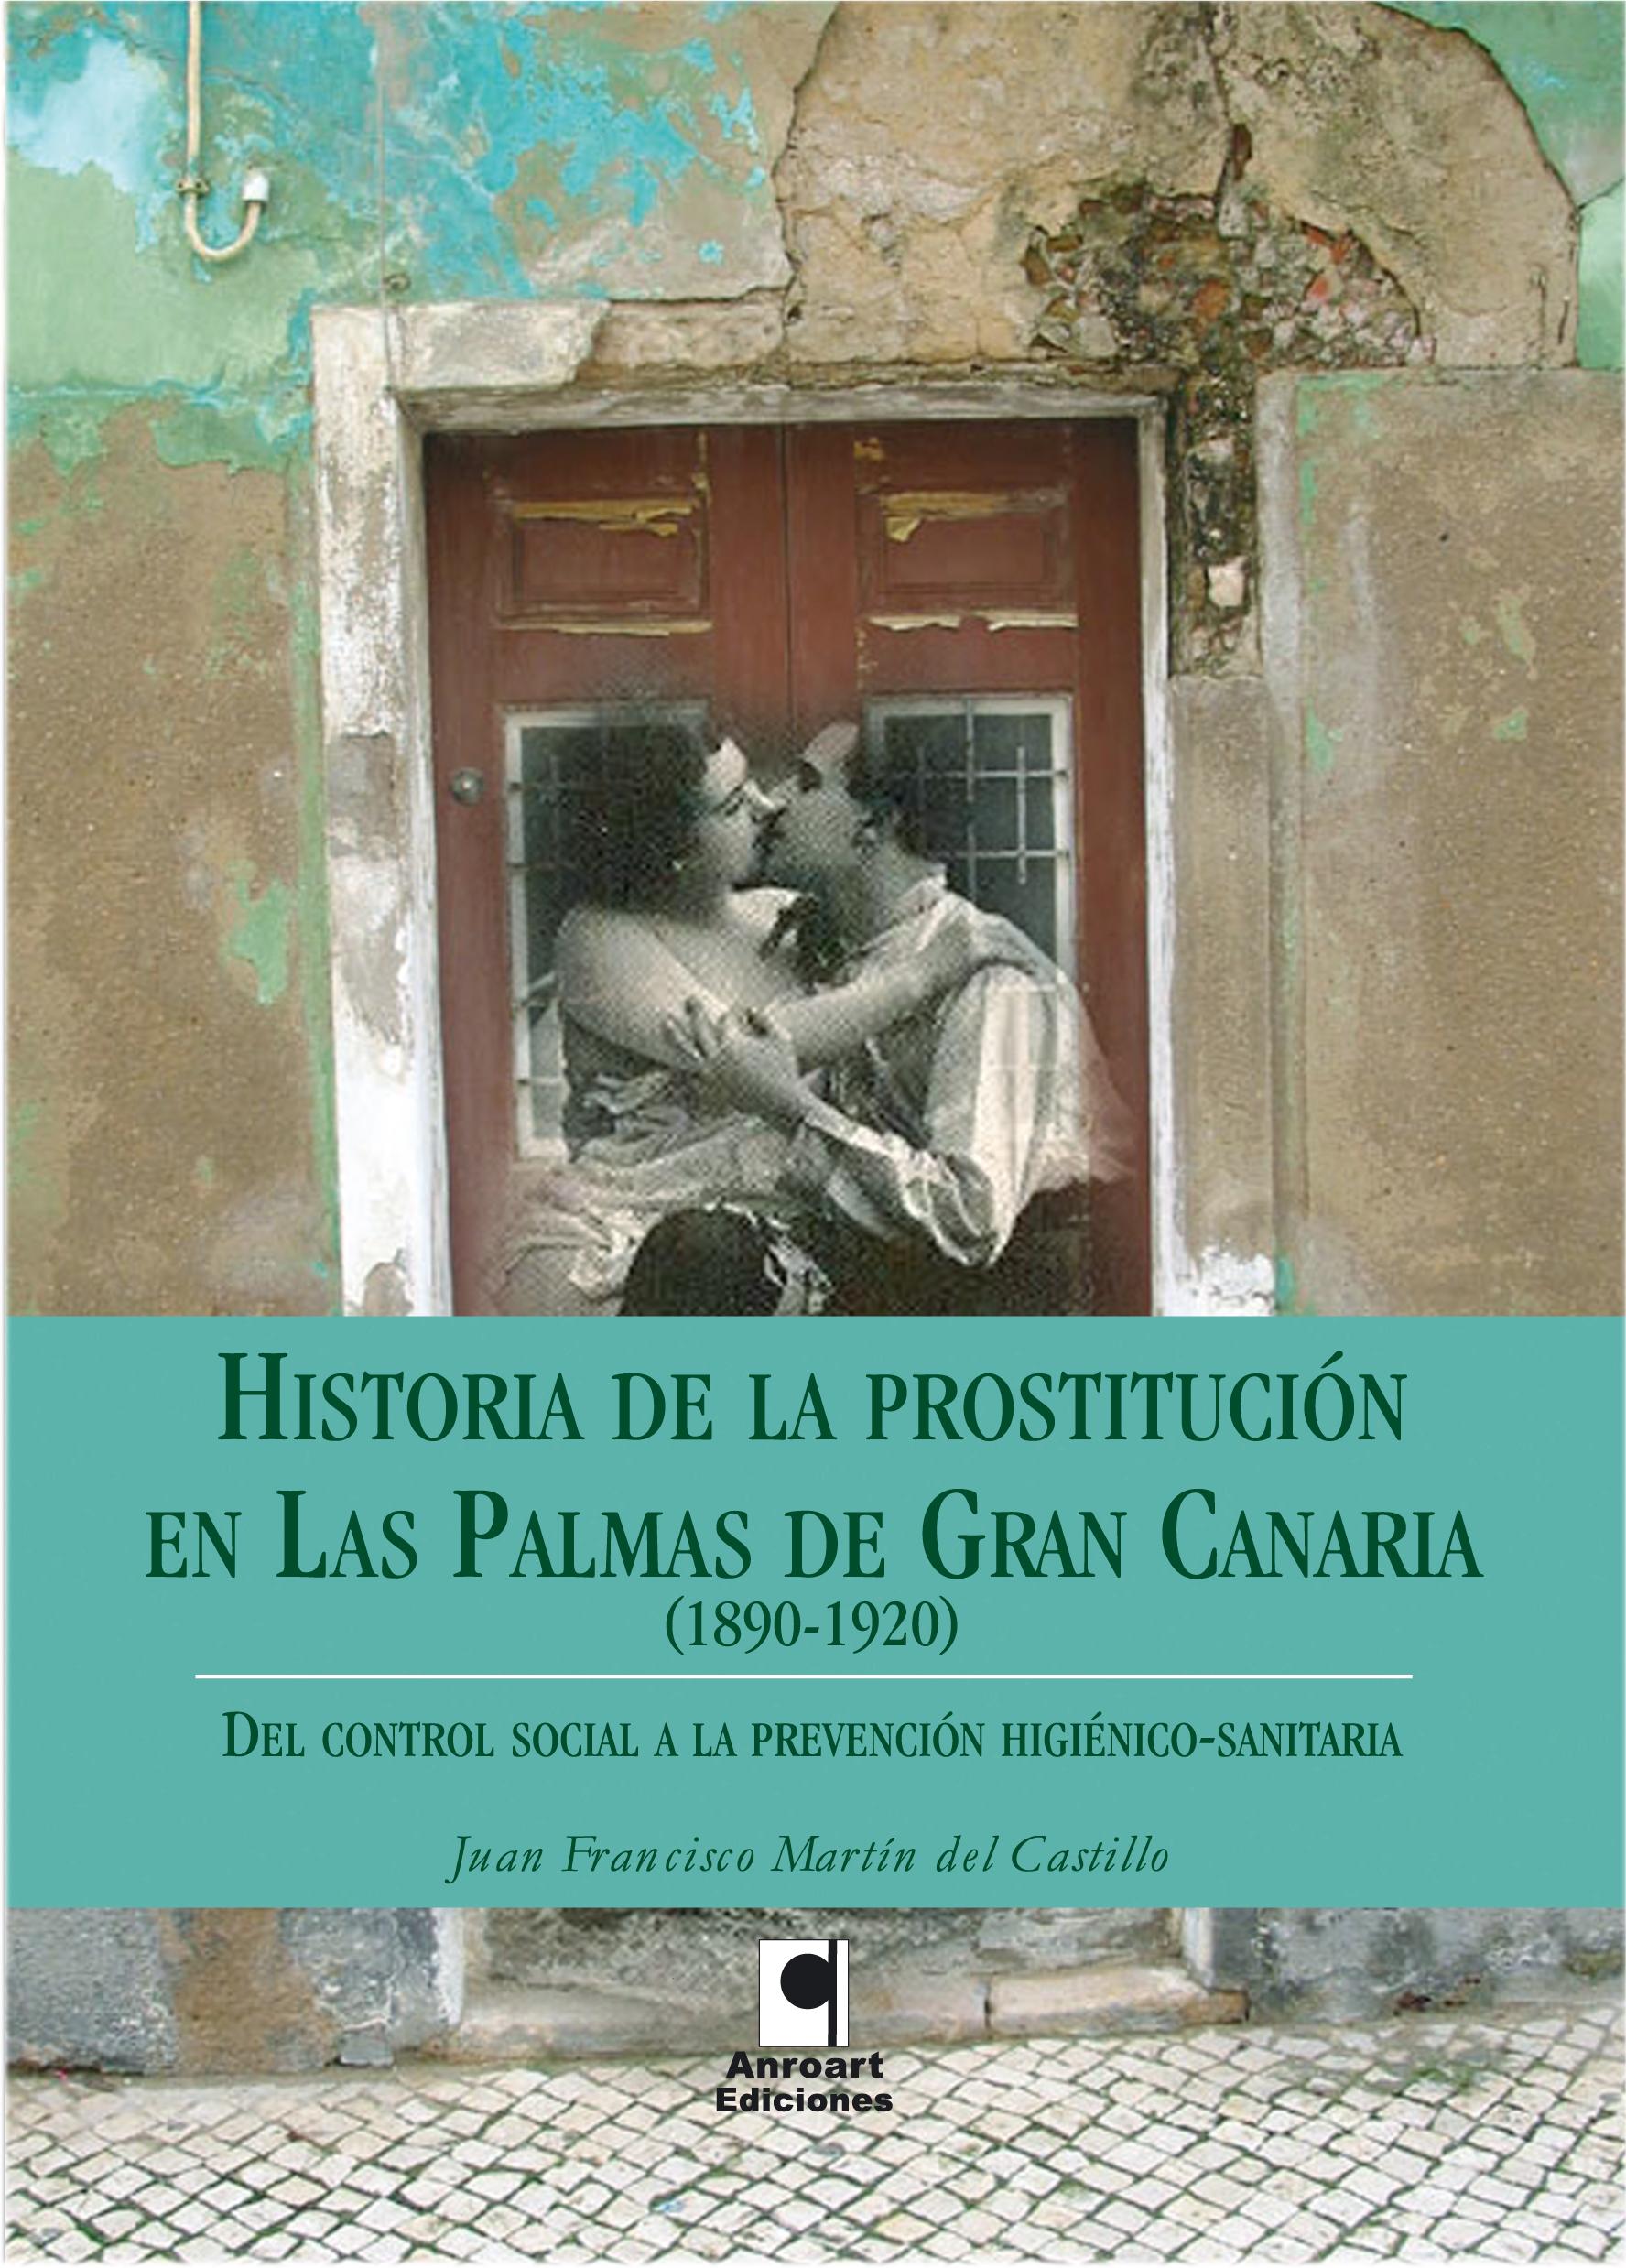 asociacion de prostitutas de las palmas historia de la prostitucion